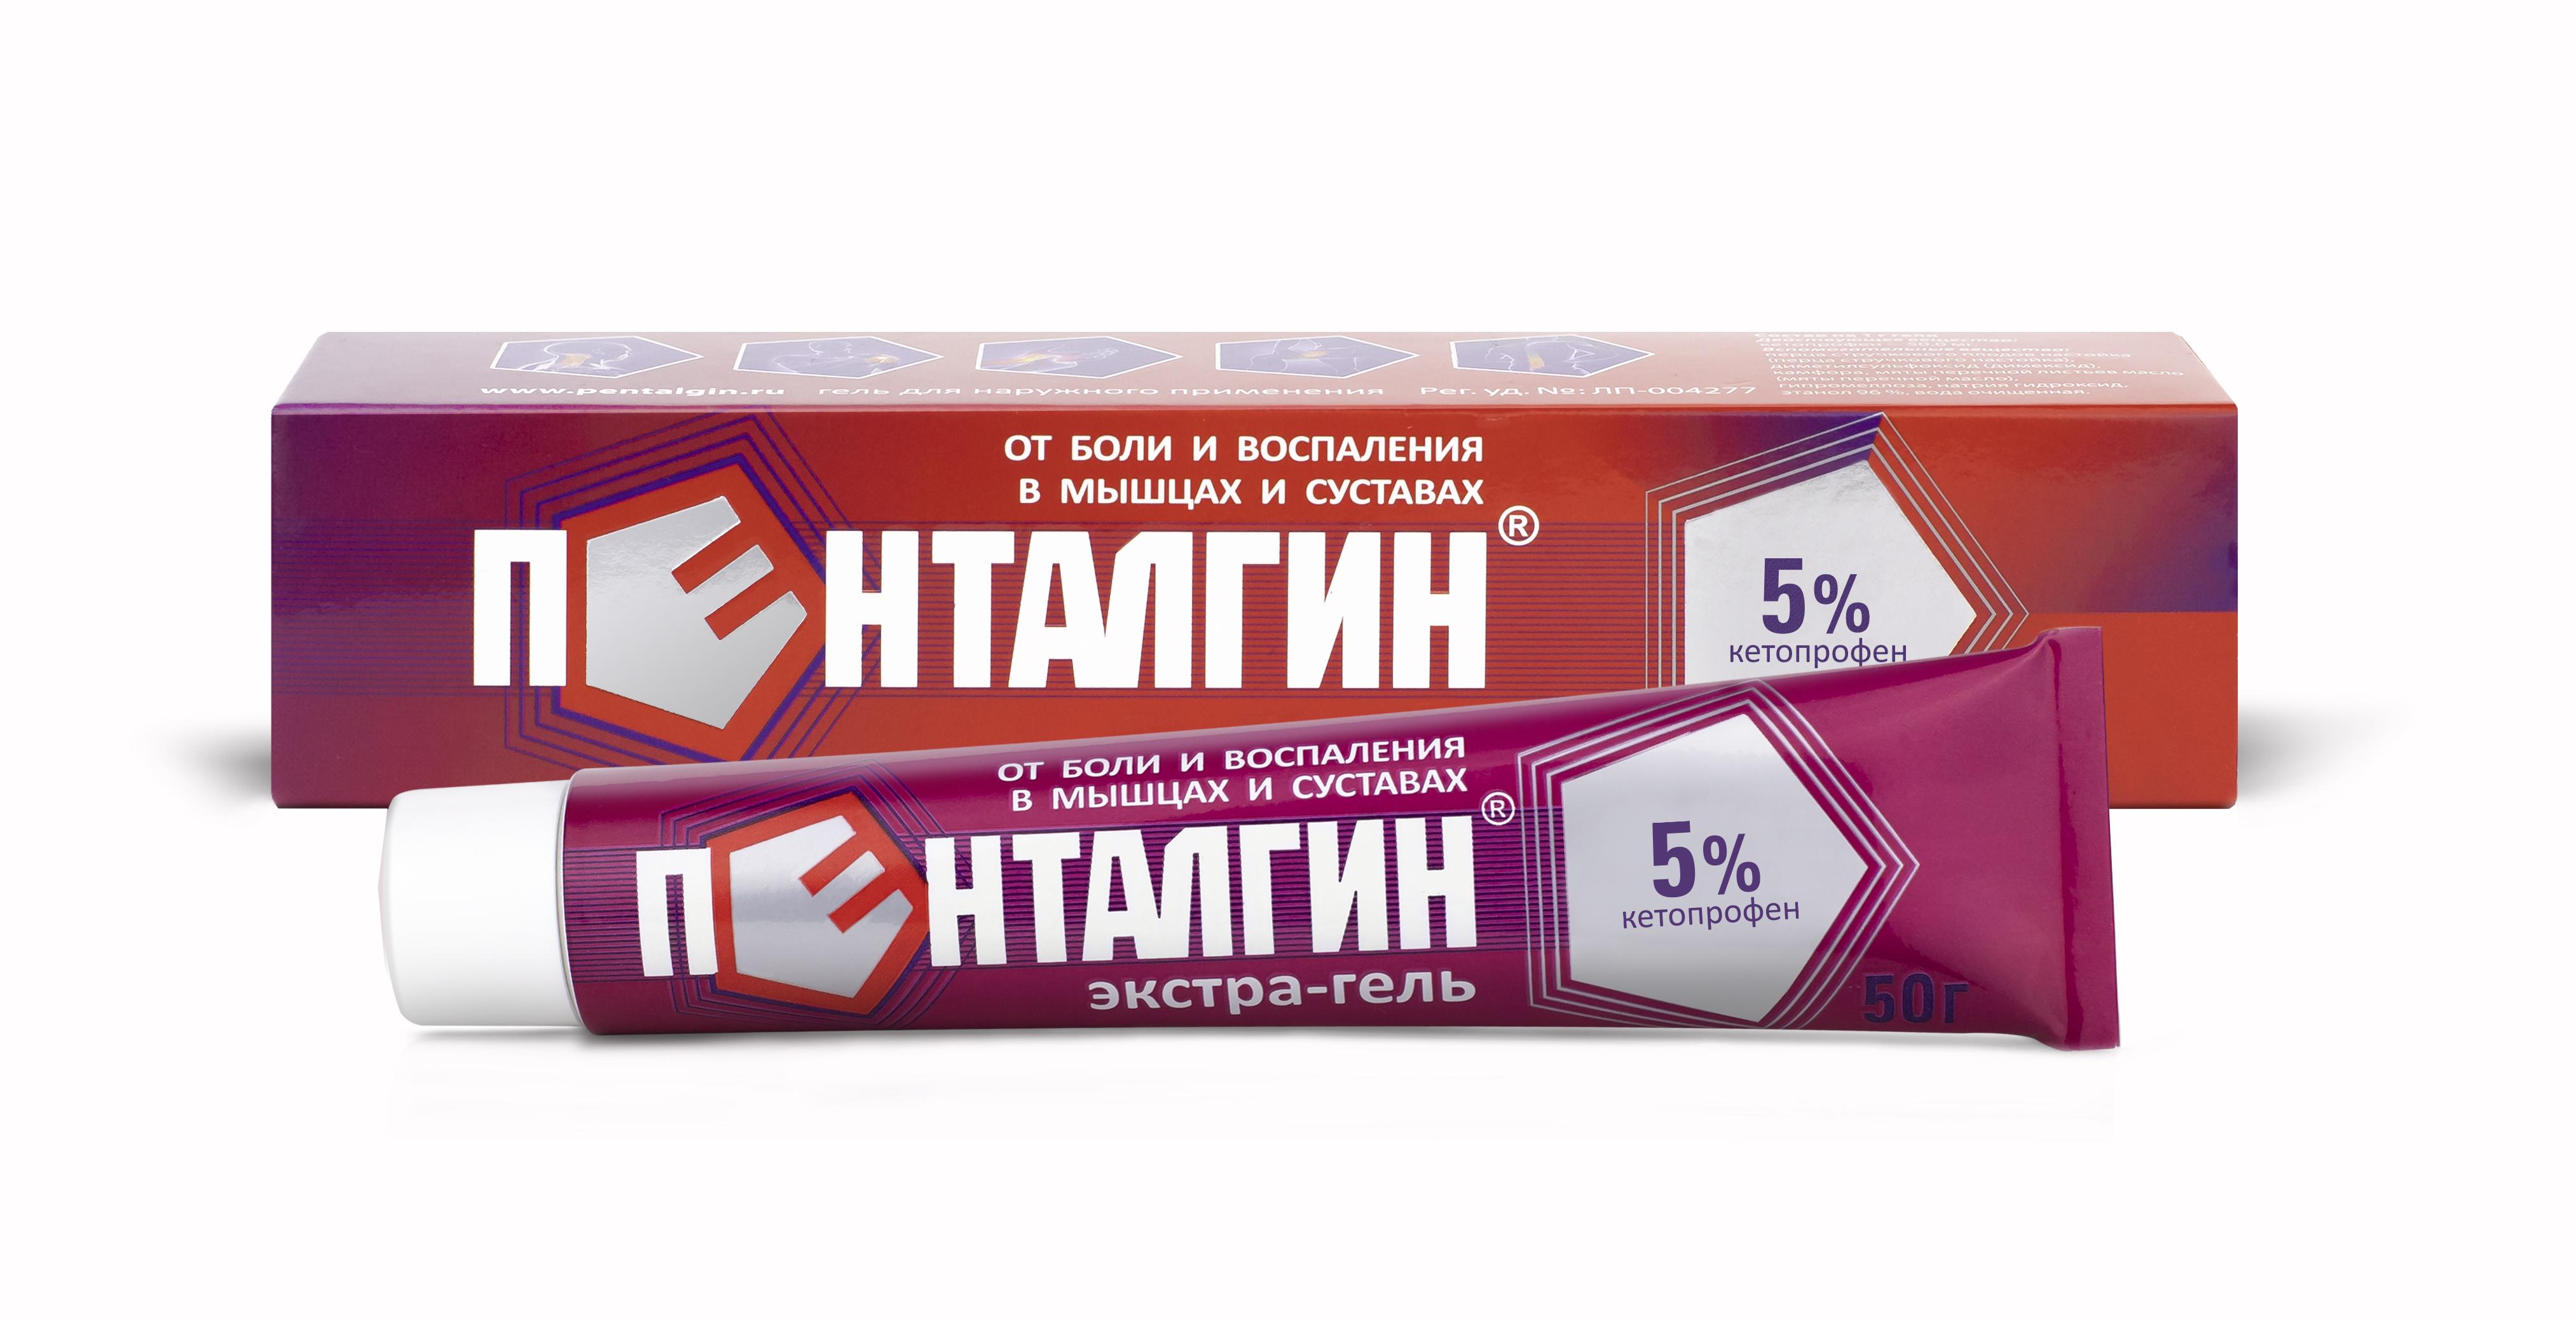 Быструмгель: инструкция по применению, аналоги и отзывы, цены в аптеках россии